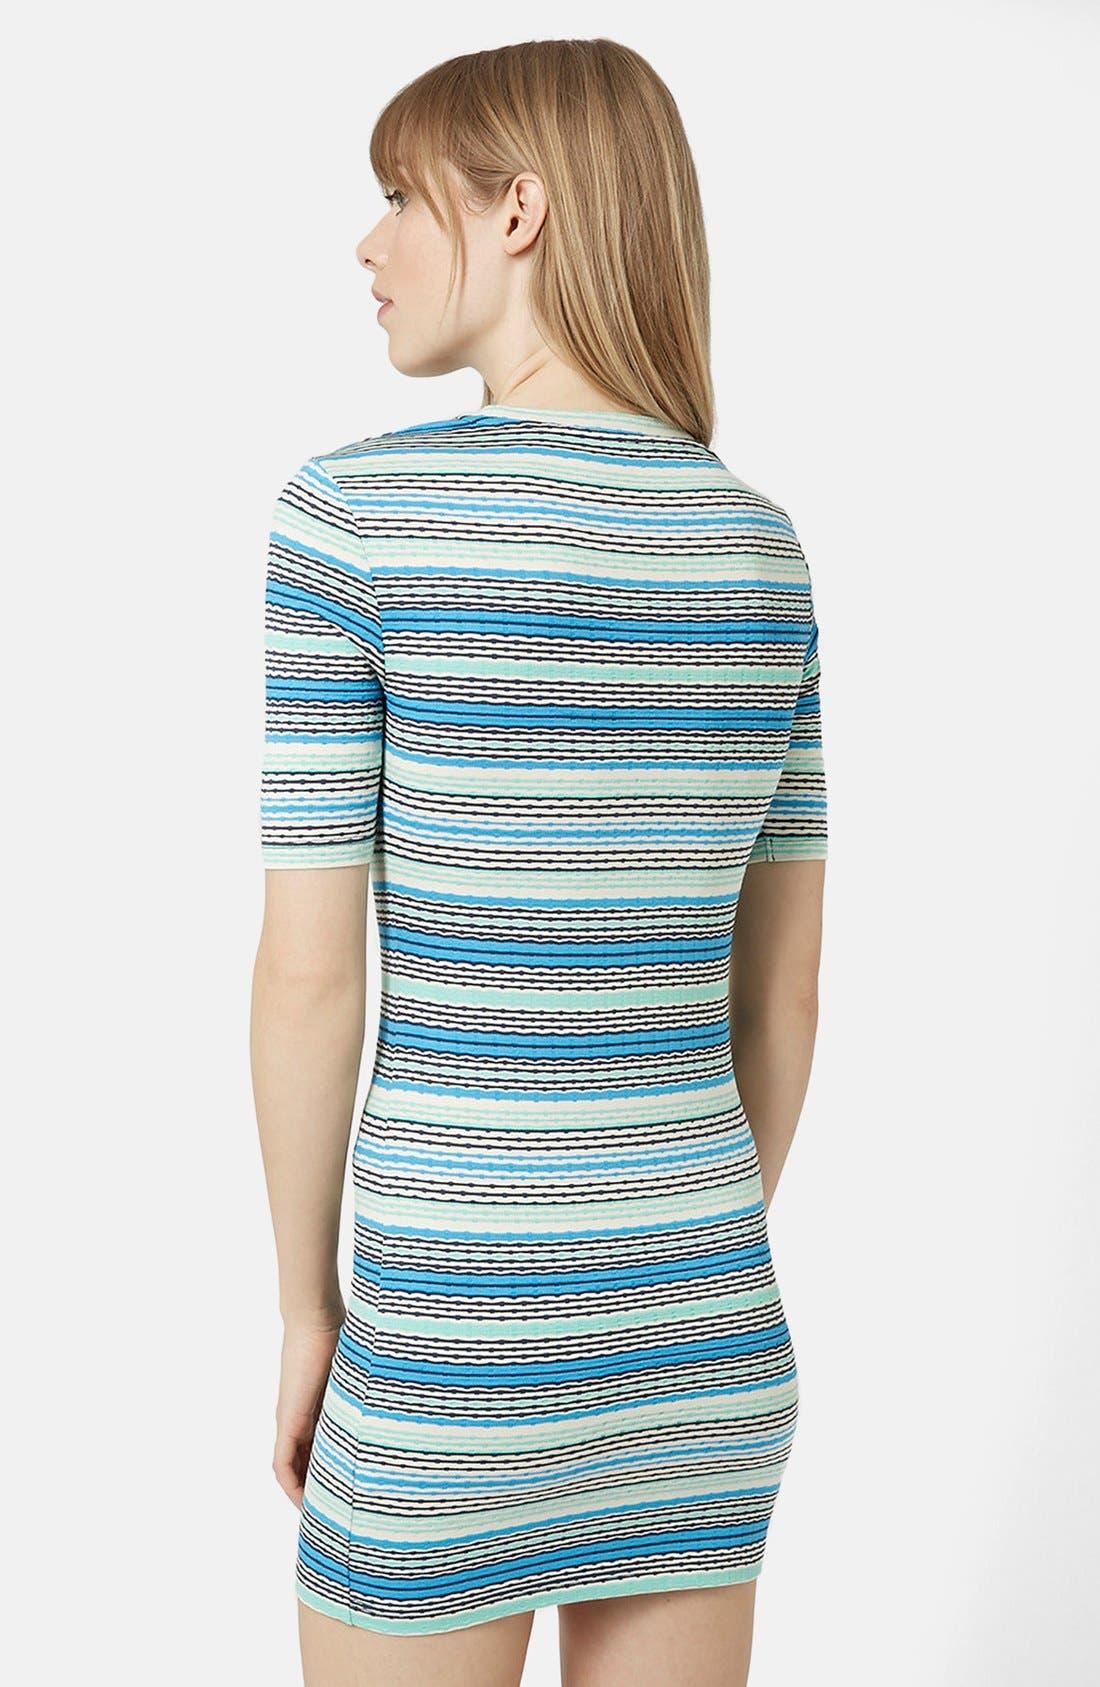 TOPSHOP,                             Jacquard Tunic Dress,                             Alternate thumbnail 3, color,                             400